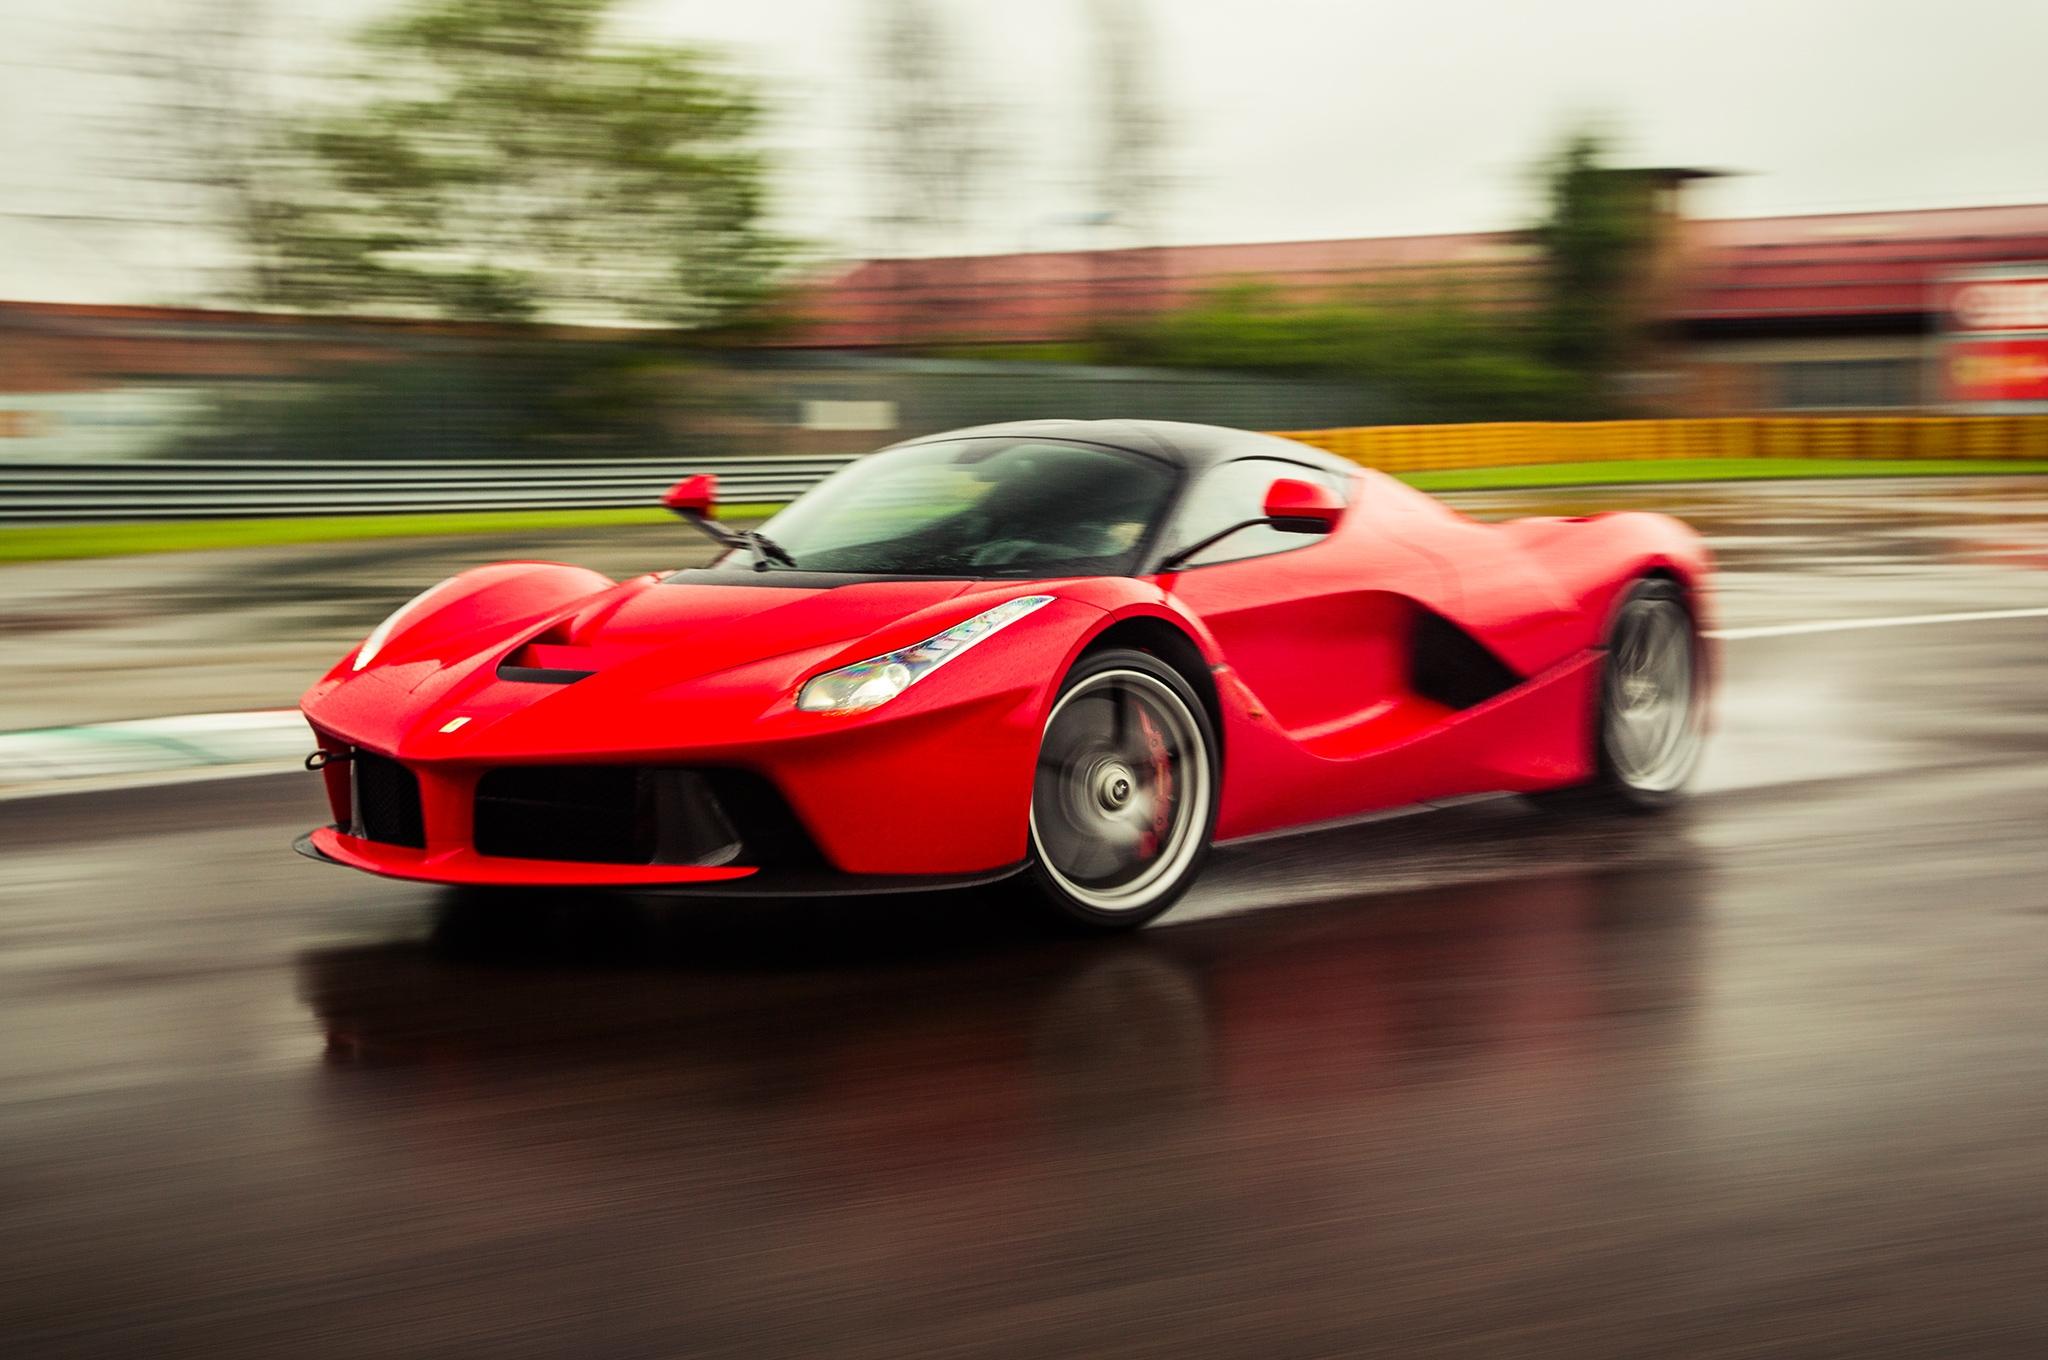 Stelvio Alfa Romeo Price >> Ferrari LaFerrari Specs and Price - Exotic Car List